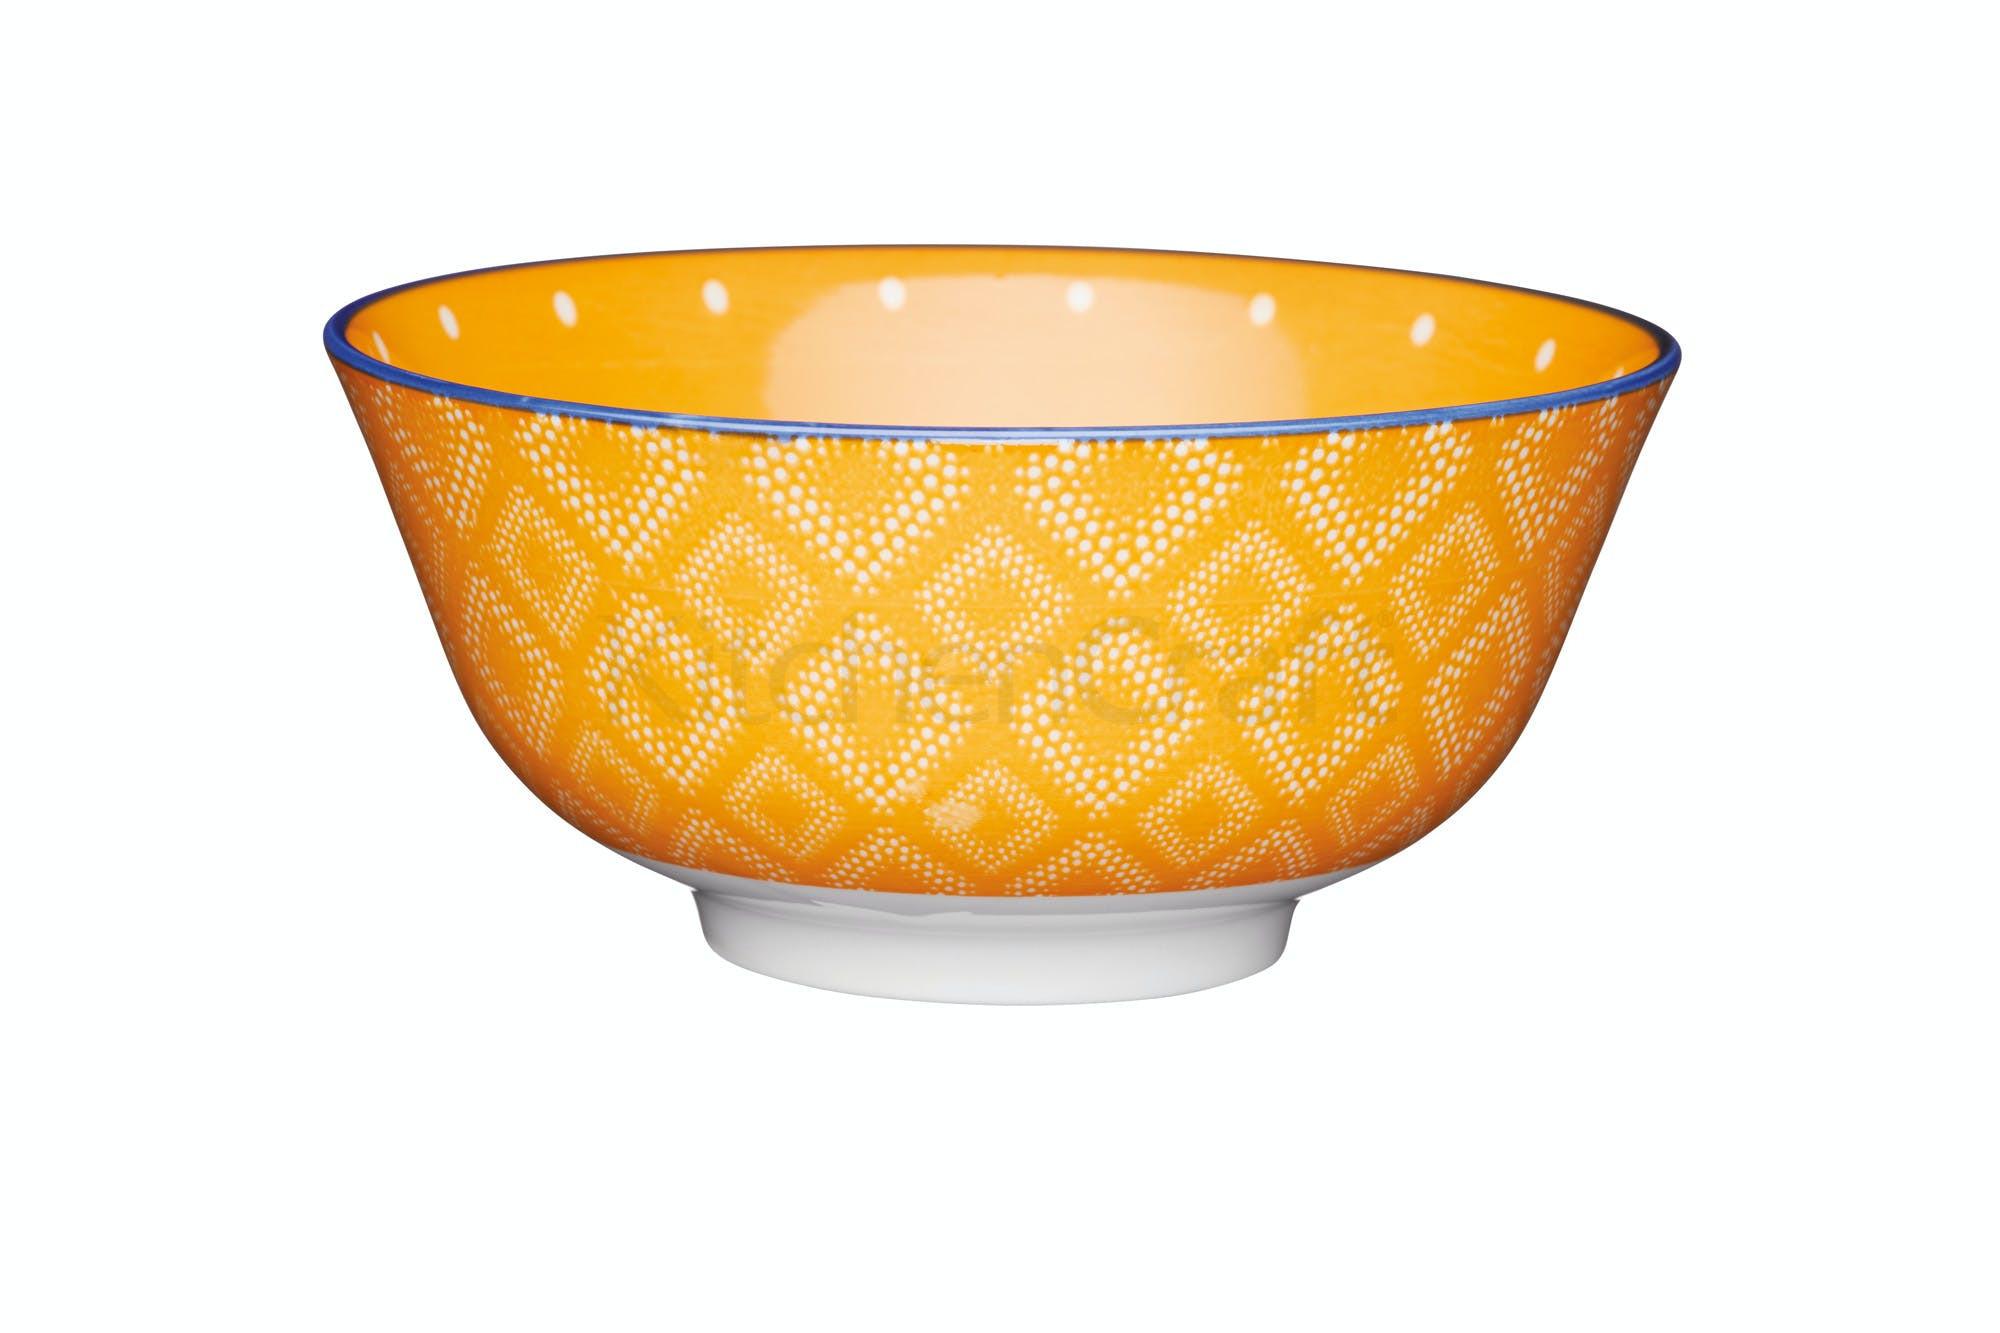 Μπολ Stonware Orange Spotty 15cm Kitchencraft